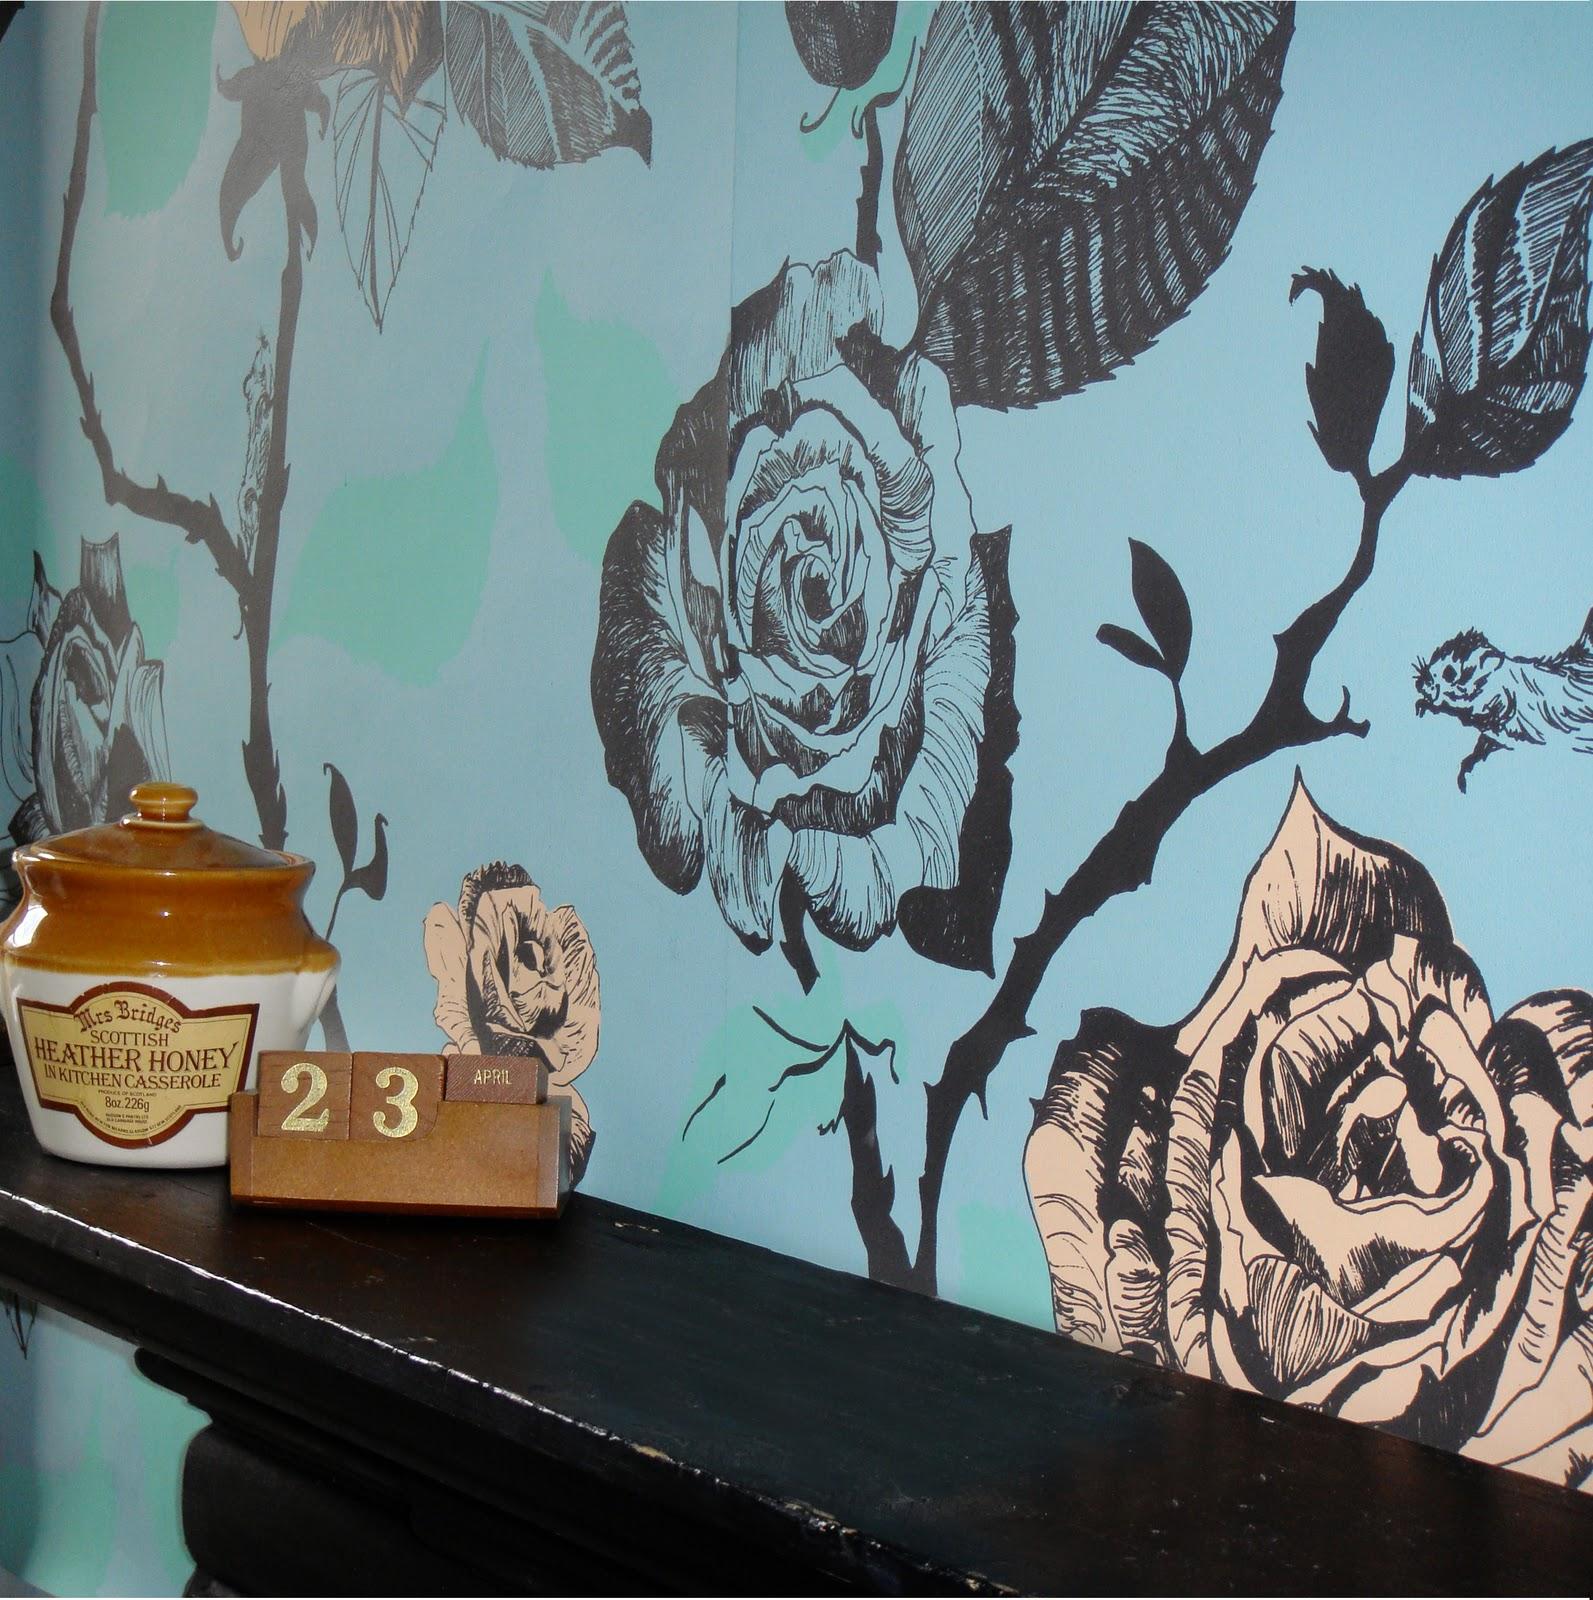 http://2.bp.blogspot.com/_l47rXBvIQtE/TNBqeFZNkTI/AAAAAAAAAHk/63XuKw7yWPM/s1600/Ta+a+Mouse+Wallpaper+-+ESPC.jpg